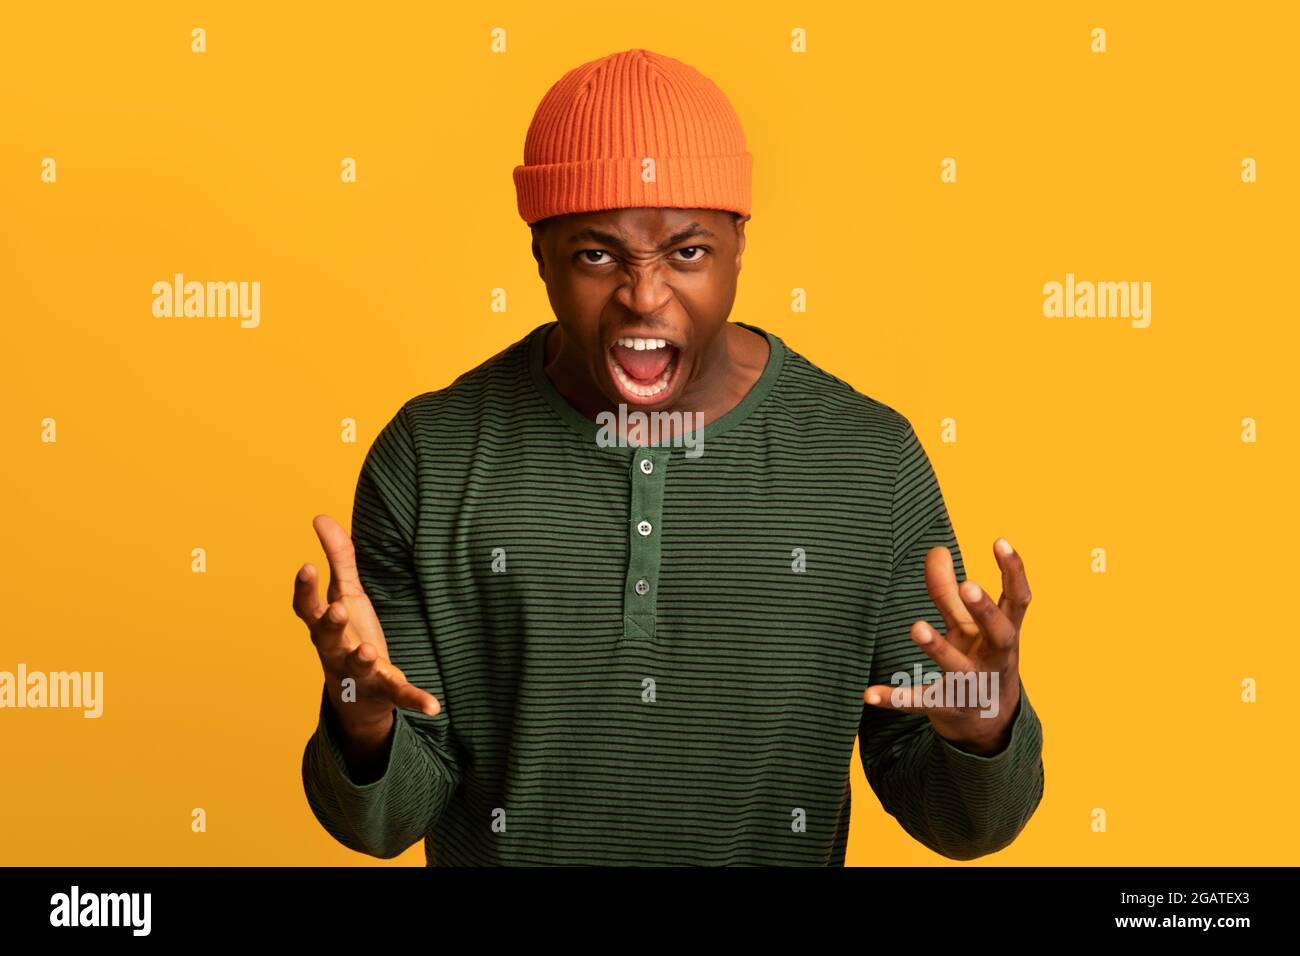 Porträt eines wütenden afroamerikanischen Mannes, der vor Wut vor die Kamera schrie, eines sehr wütenden schwarzen Mannes, der die Hände hob und wütend schrie, während er isola stand Stockfoto